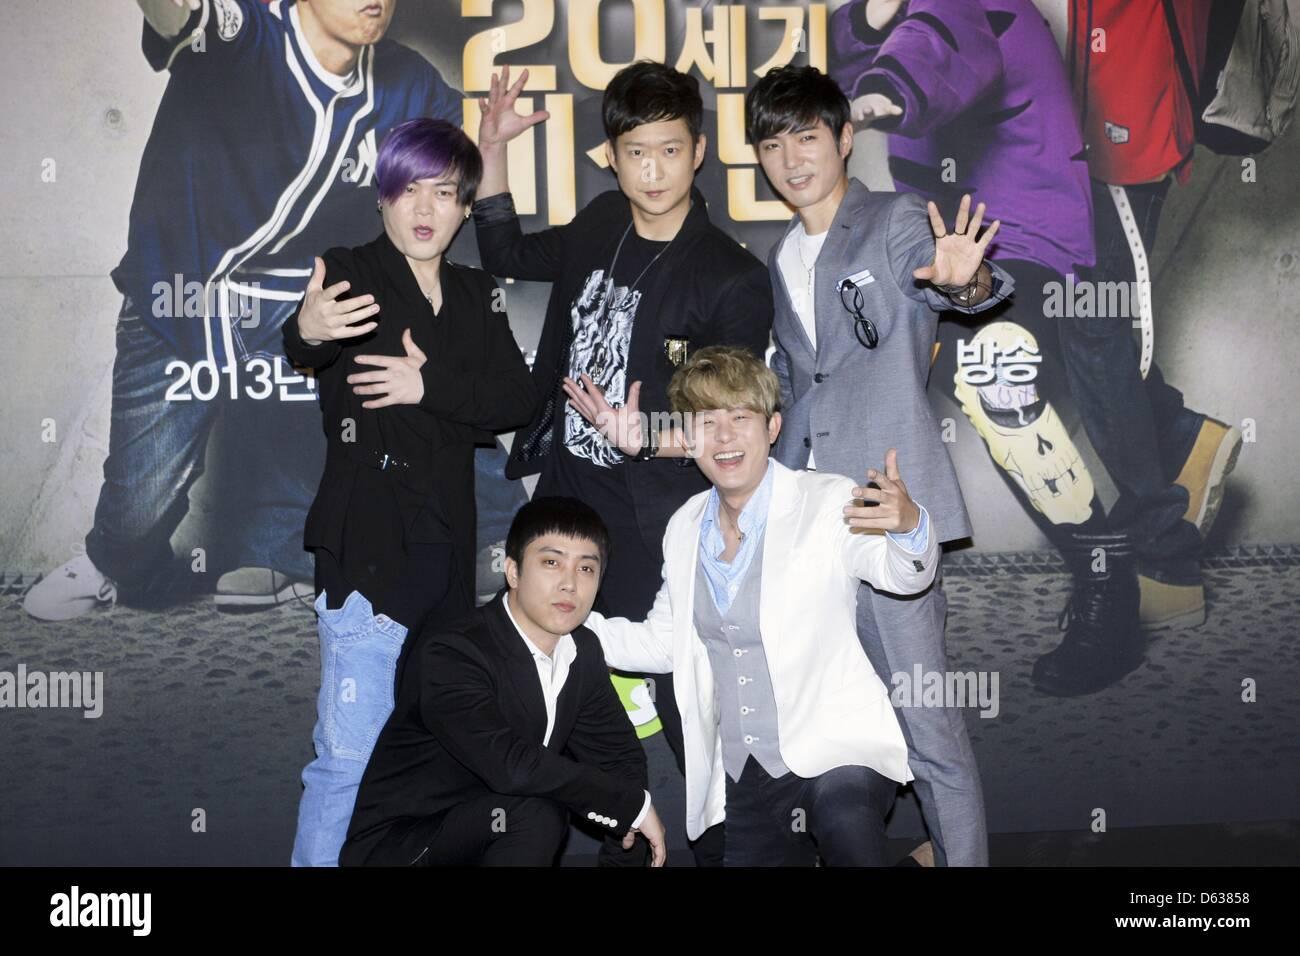 Moon Hee Jun Tony An Chun Myung Hoon Eunjiwon And Danny Ahn Stock Photo Alamy